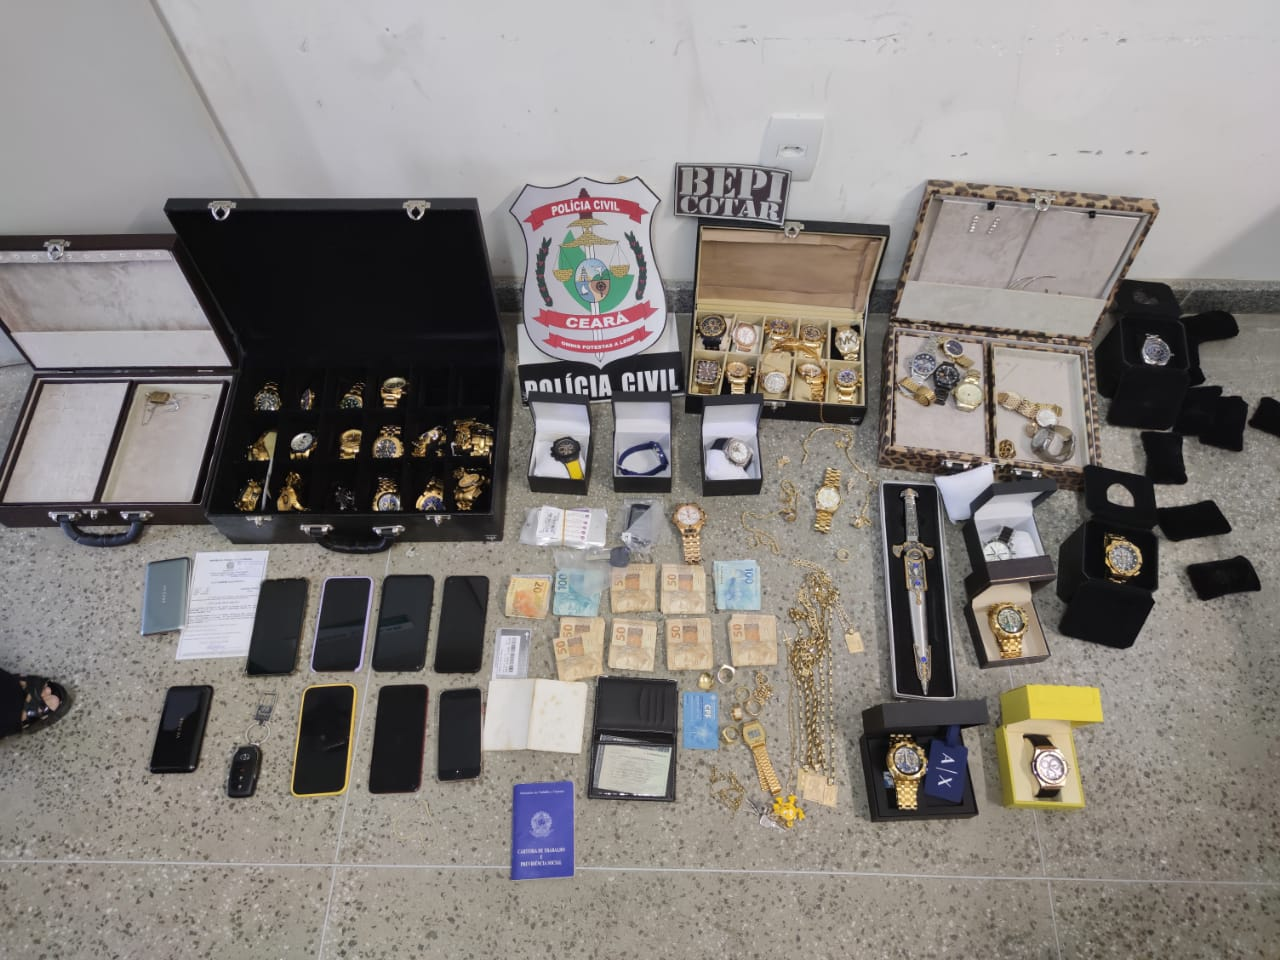 """47 relógios de alto padrão, sete aparelhos celulares, 29 chips telefônicos, um documento falso, além de um punhal cravejado com pedras. apreendidos na residência de Robson Luxuria"""" durante a prisão dele. Foto: Redes sociais"""